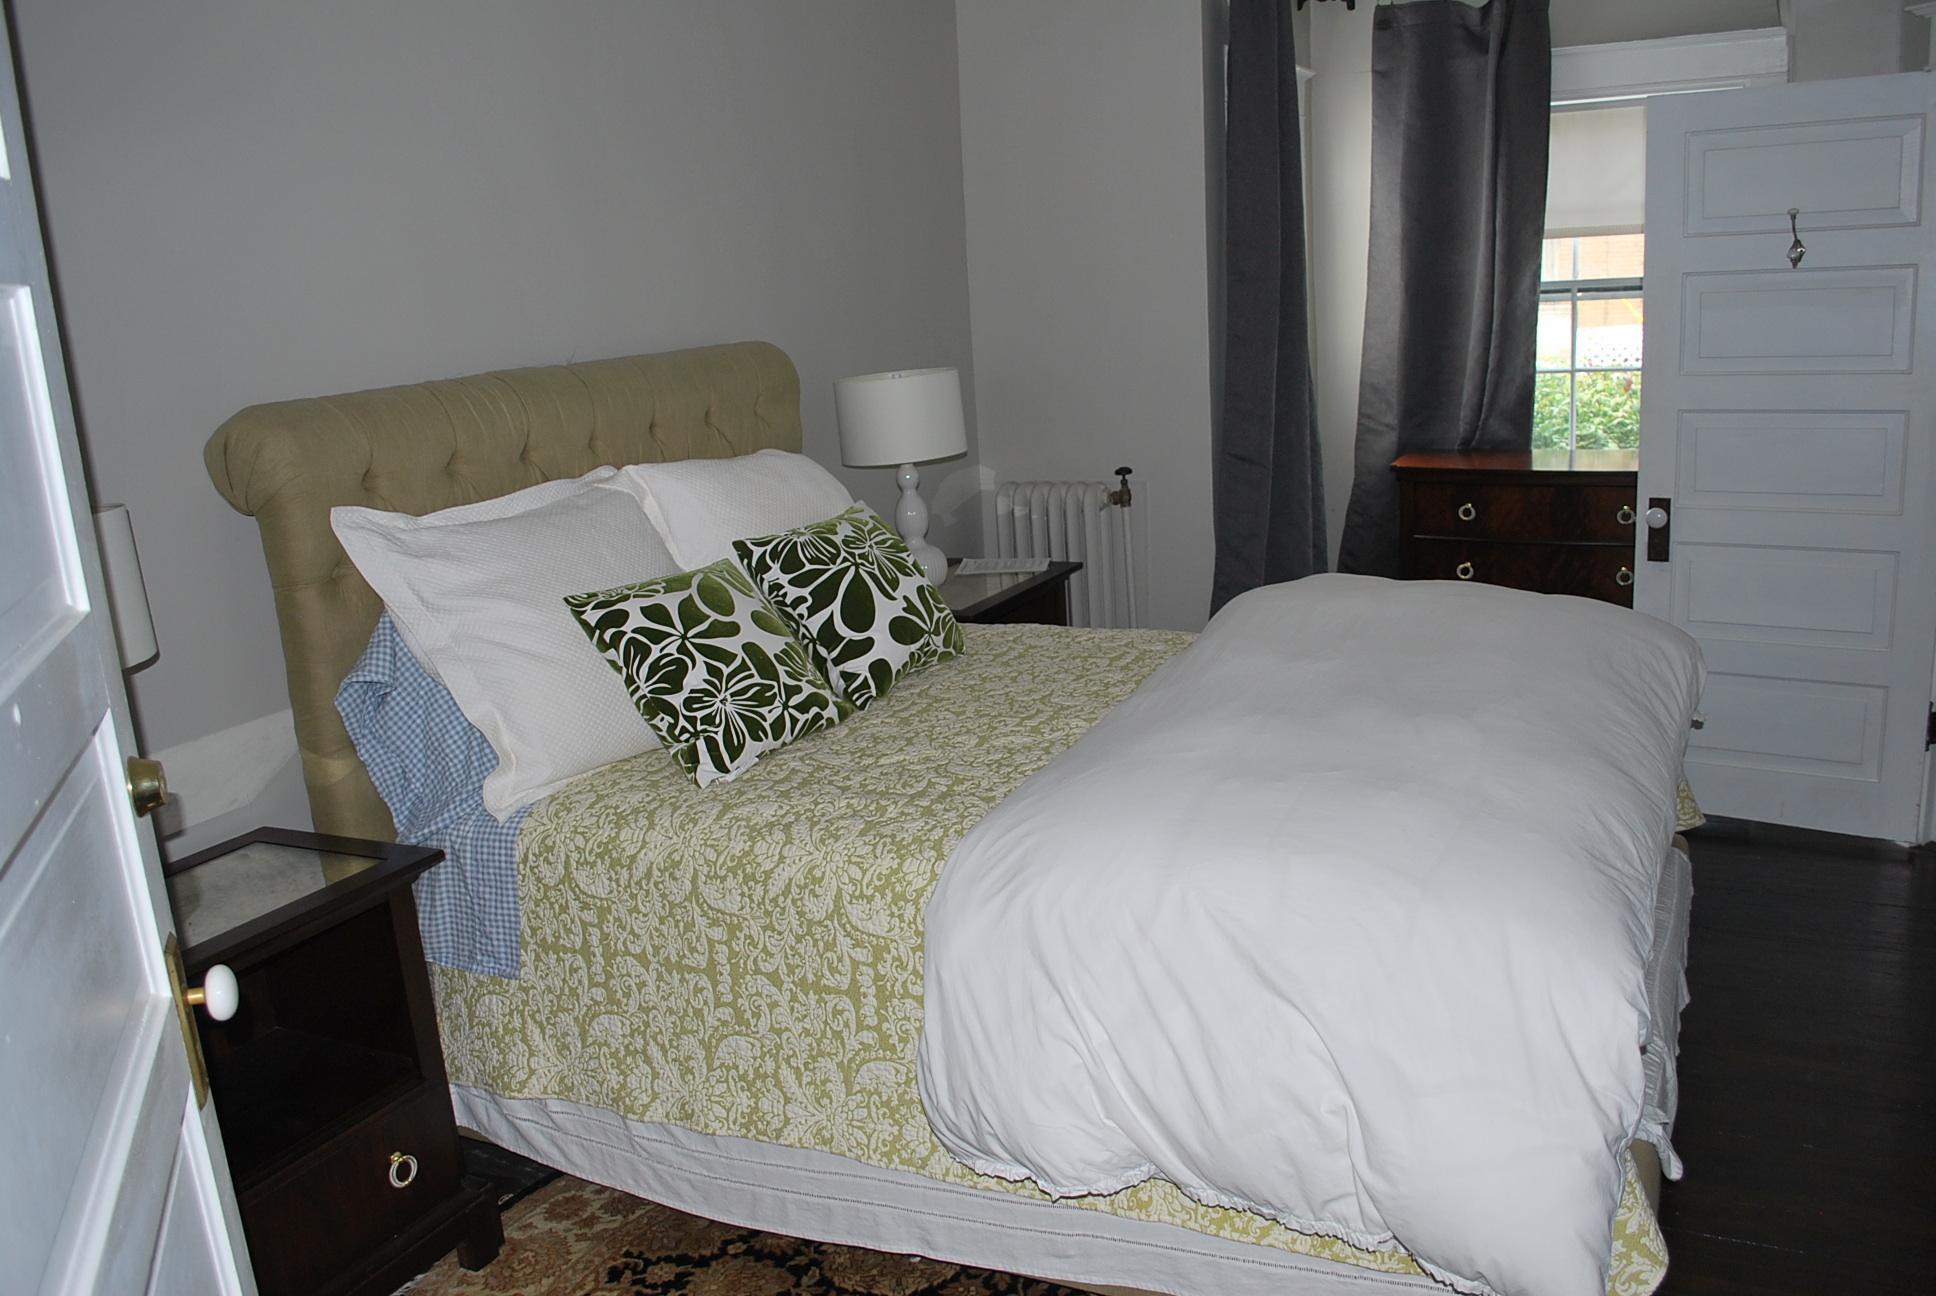 Room #7 (Floor 1, Q Bed, Shower)